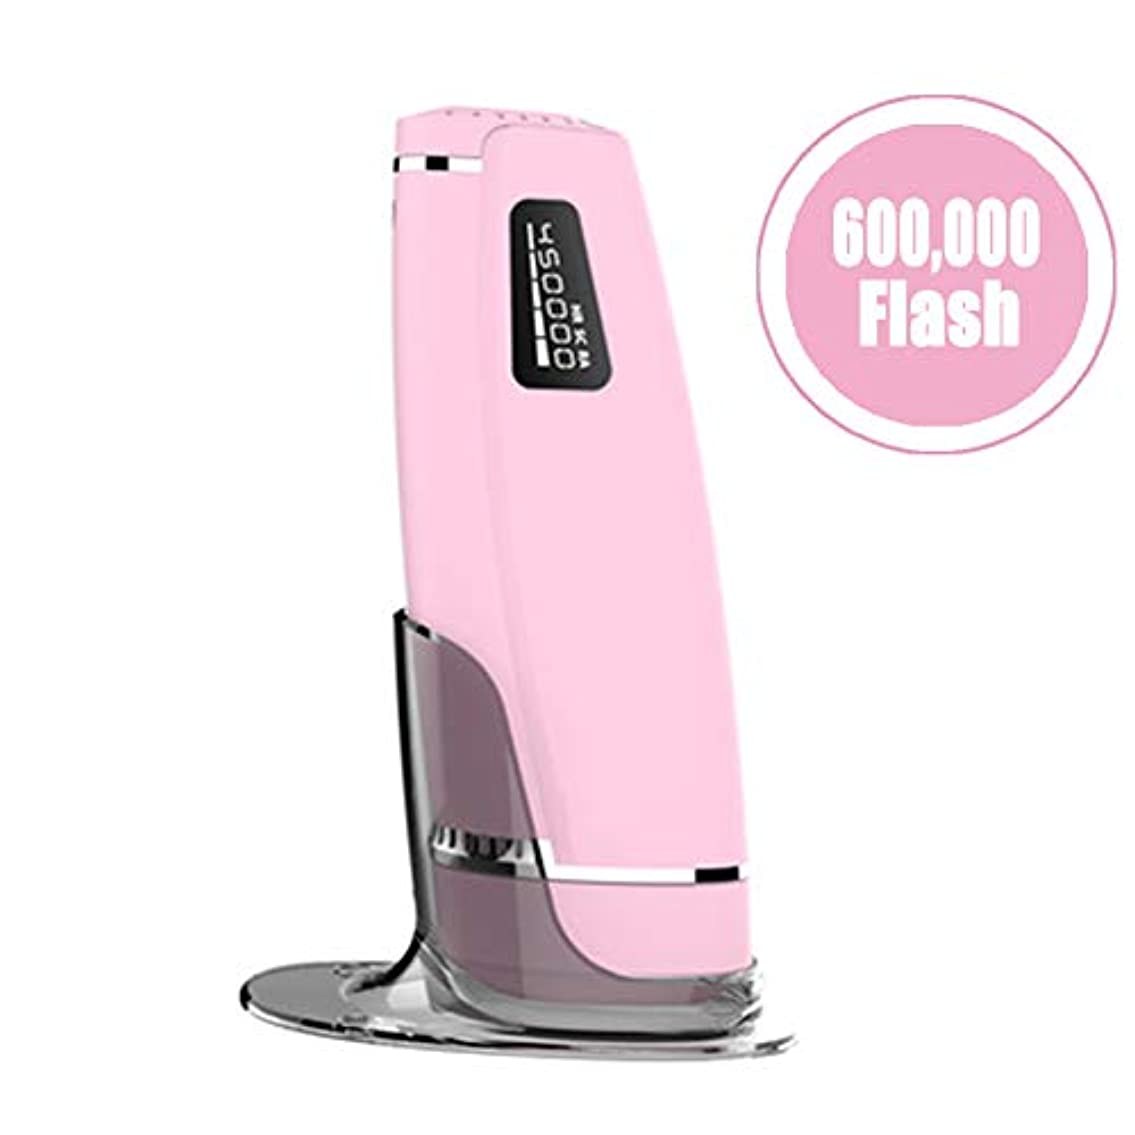 レタッチ処分した作詞家アップグレードIPLレーザー脱毛システムデバイス、60万回のフラッシュ無痛常設パルス光脱毛器にとってボディフェイス脇の下ビキニライン,Pink